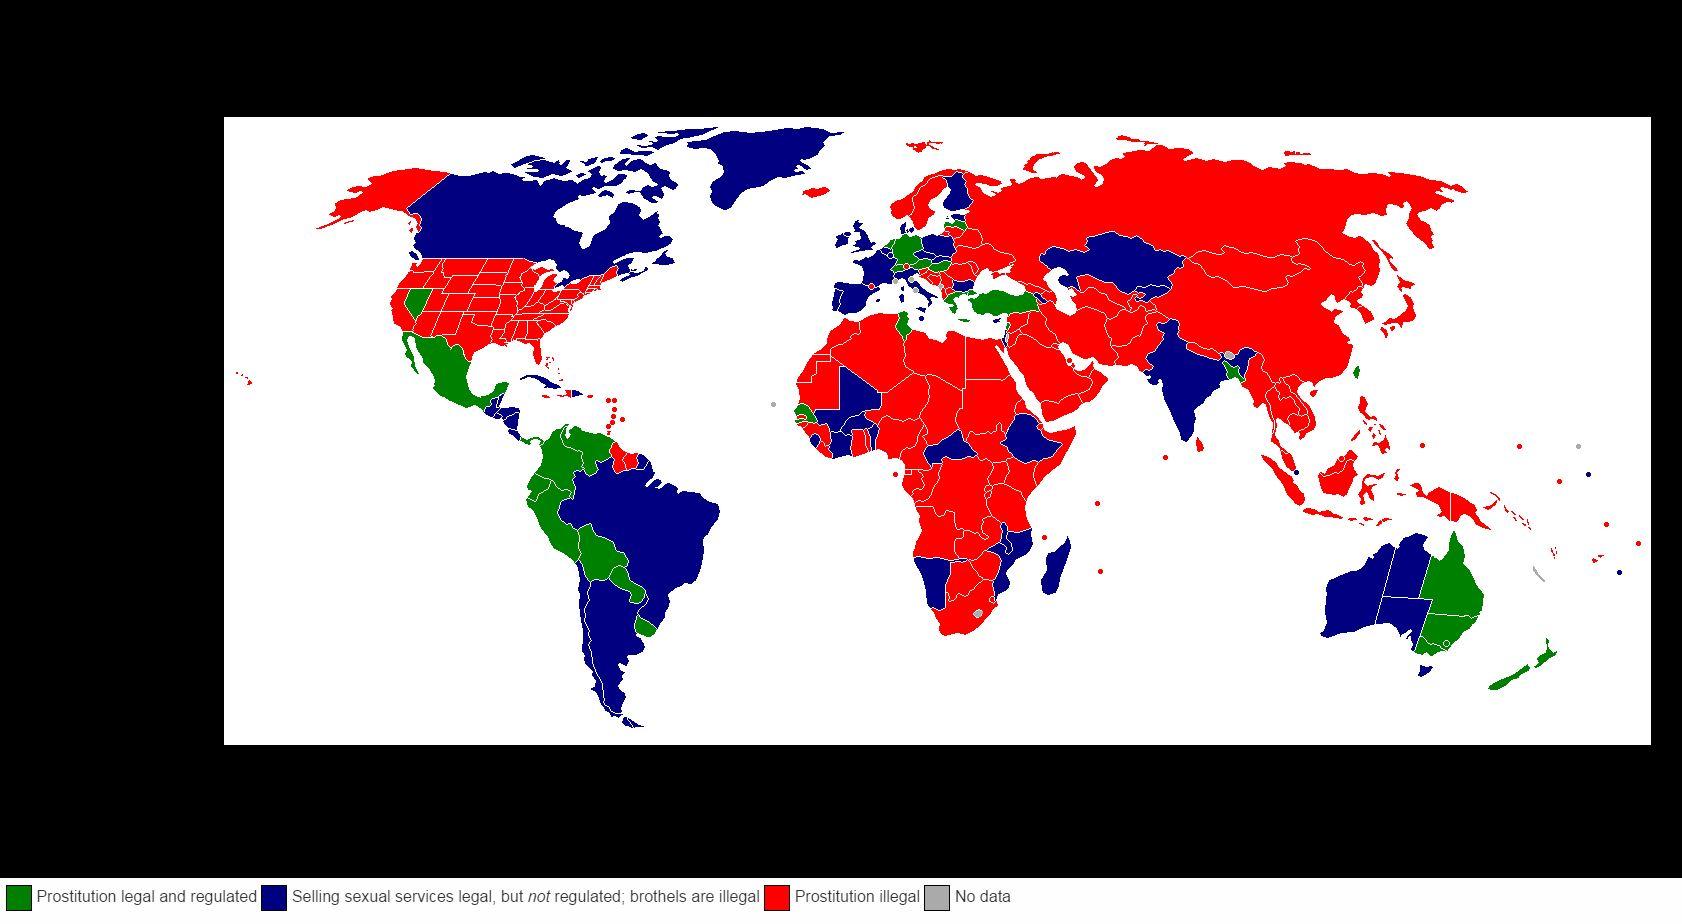 La situazione della regolamentazione della prostituzione nel mondo (via wikipedia.org)